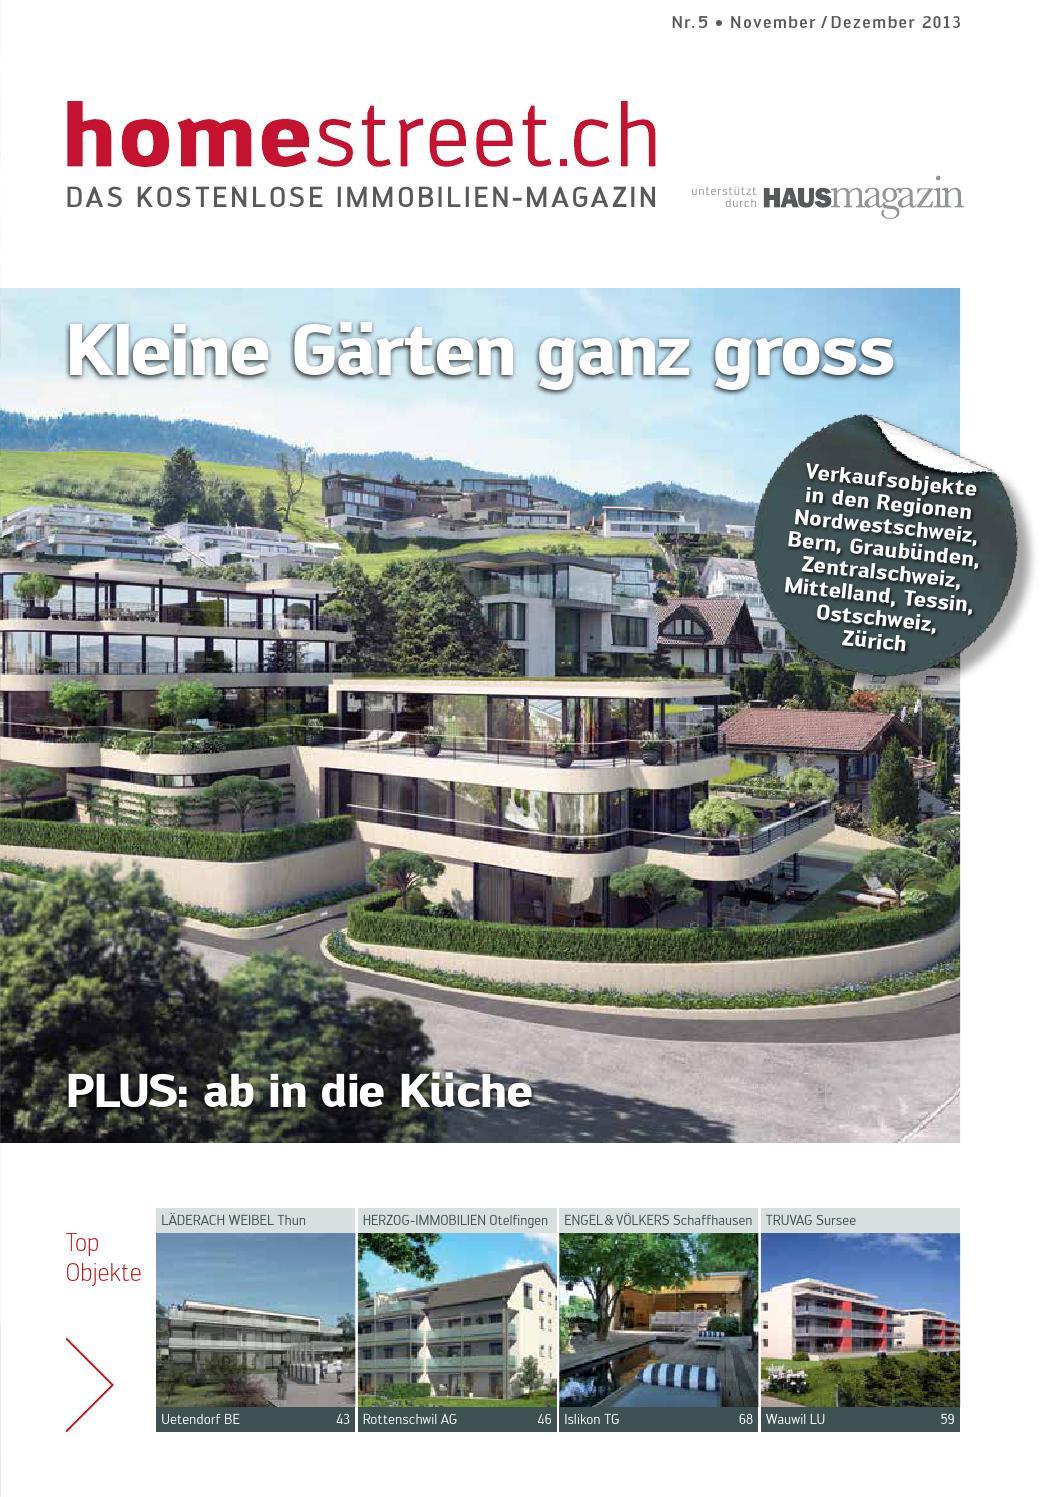 Kleine Gärten Ganz Gross By Homestreet AG   Issuu